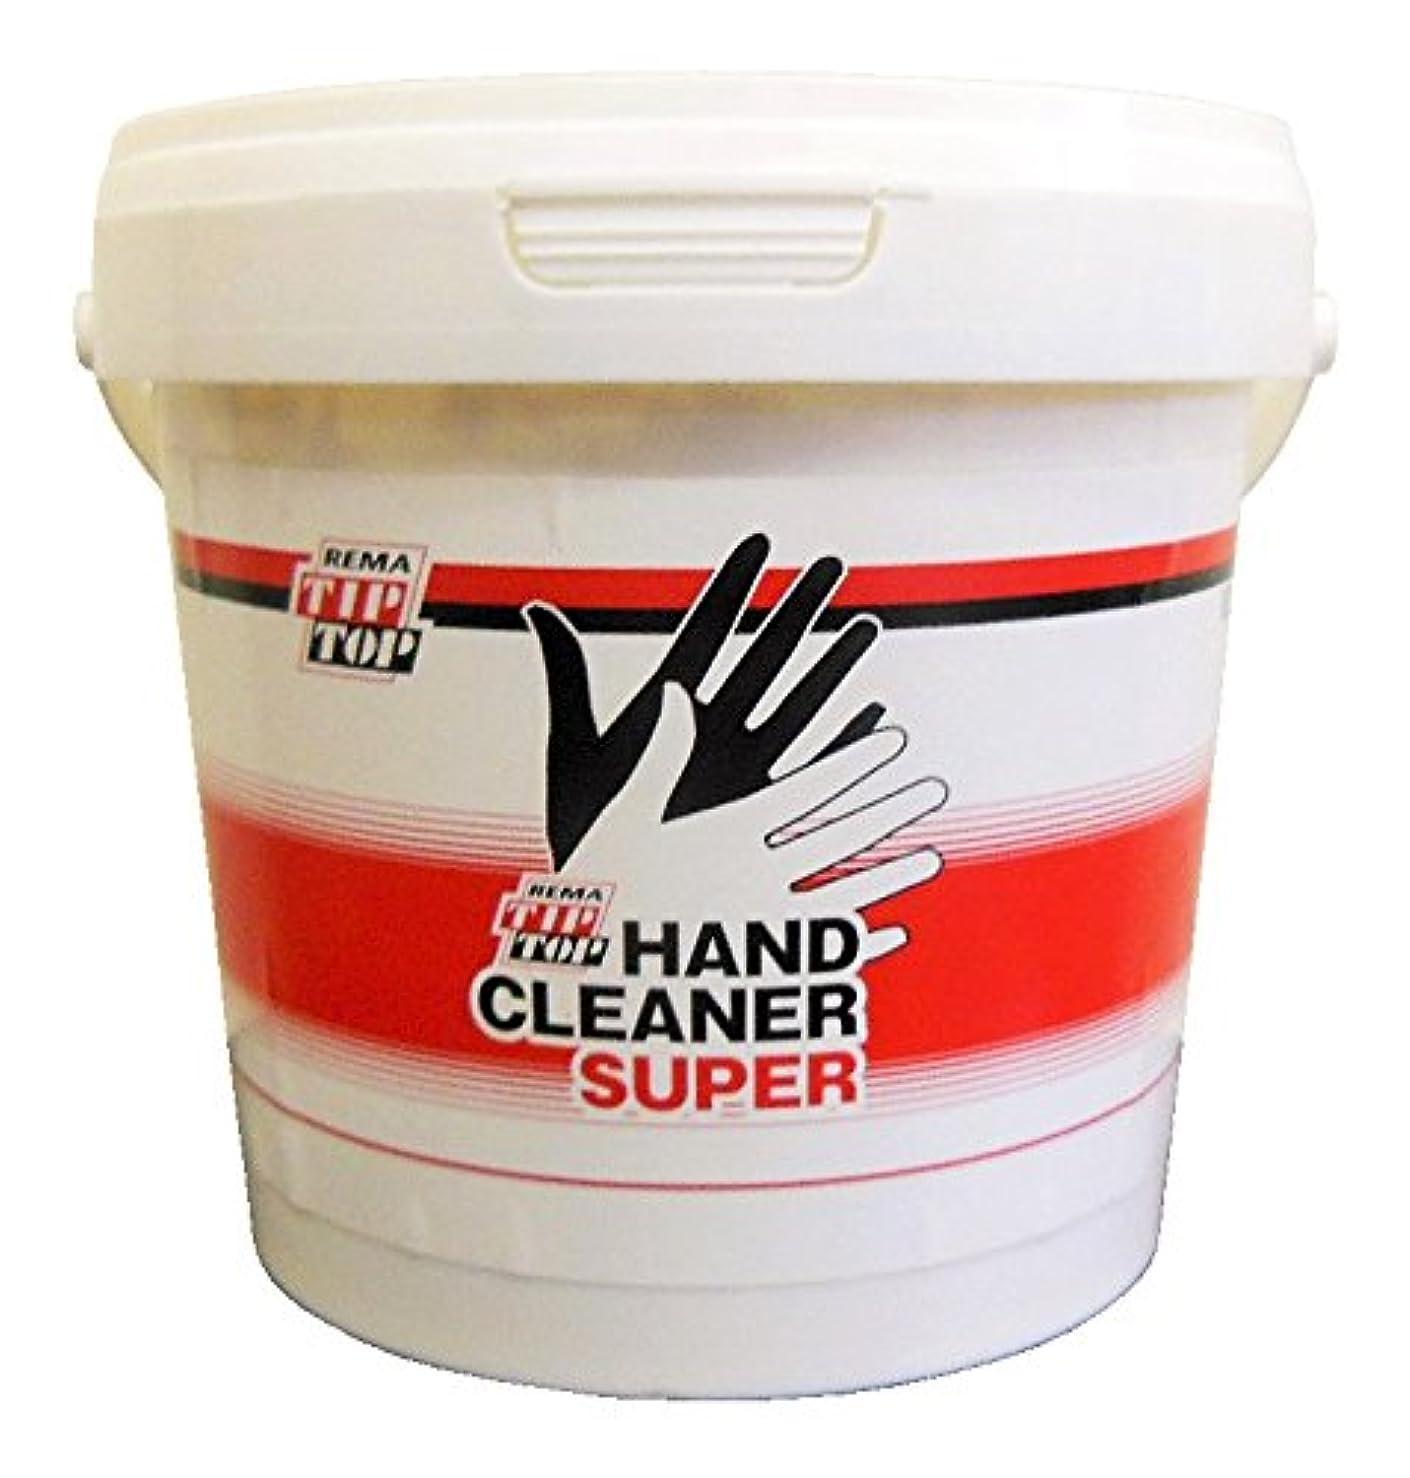 影響力のある繁雑振るTIPTOP(チップトップ) ハンドクリーナー HAND CLEANER SUPER 1L H-051